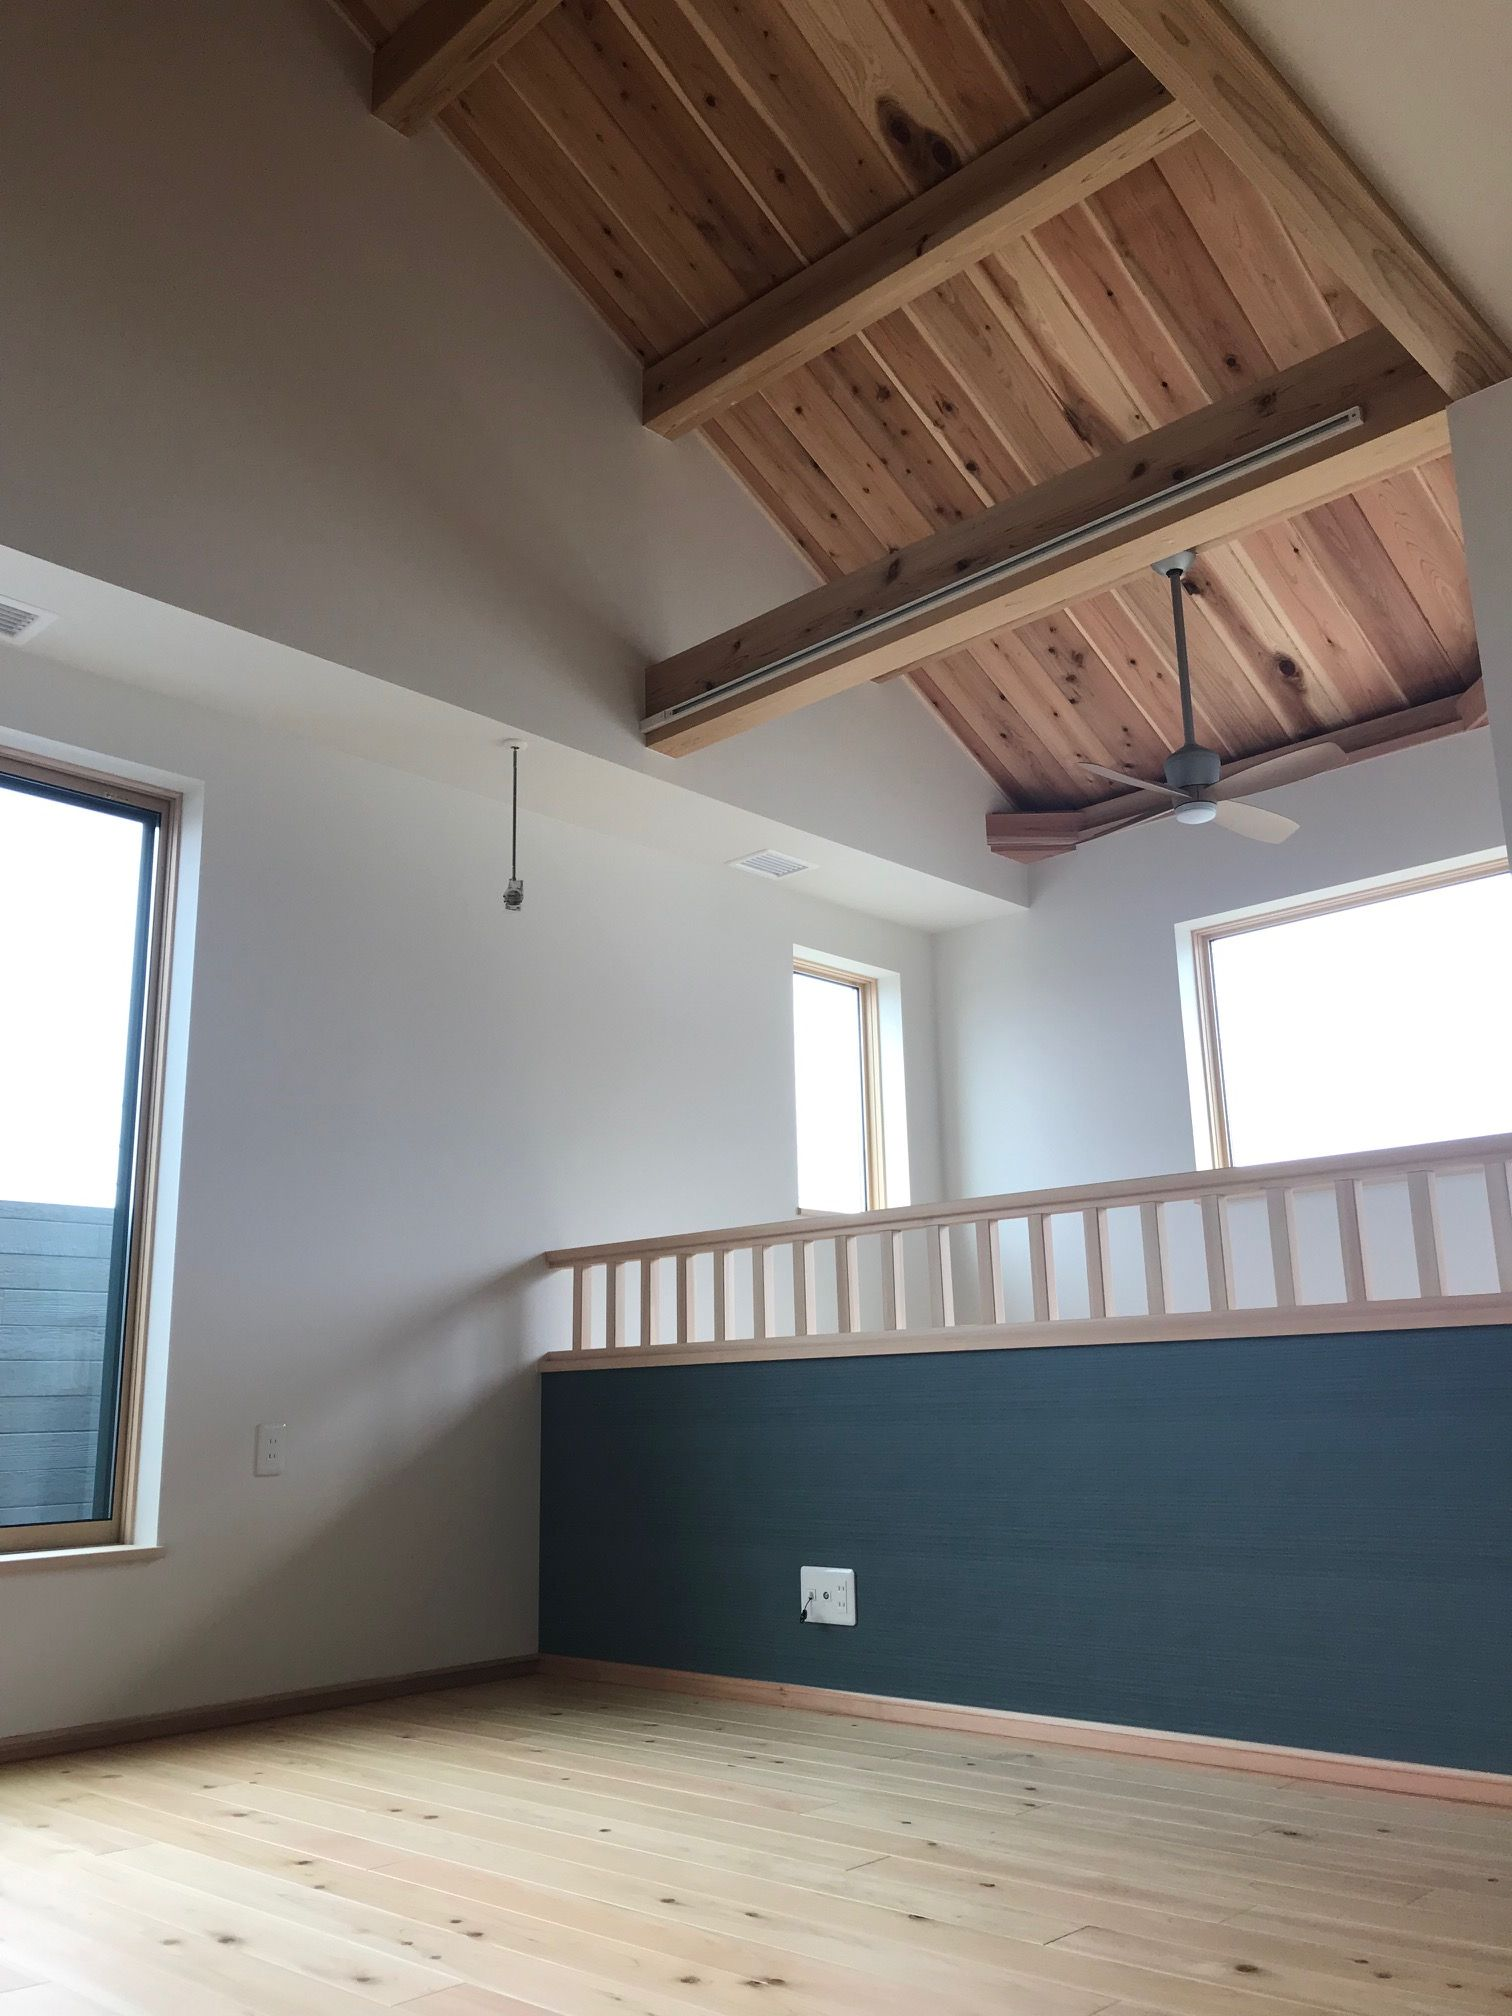 2階のフリースペースは屋根なり天井で開放的 正面手すりにはお布団